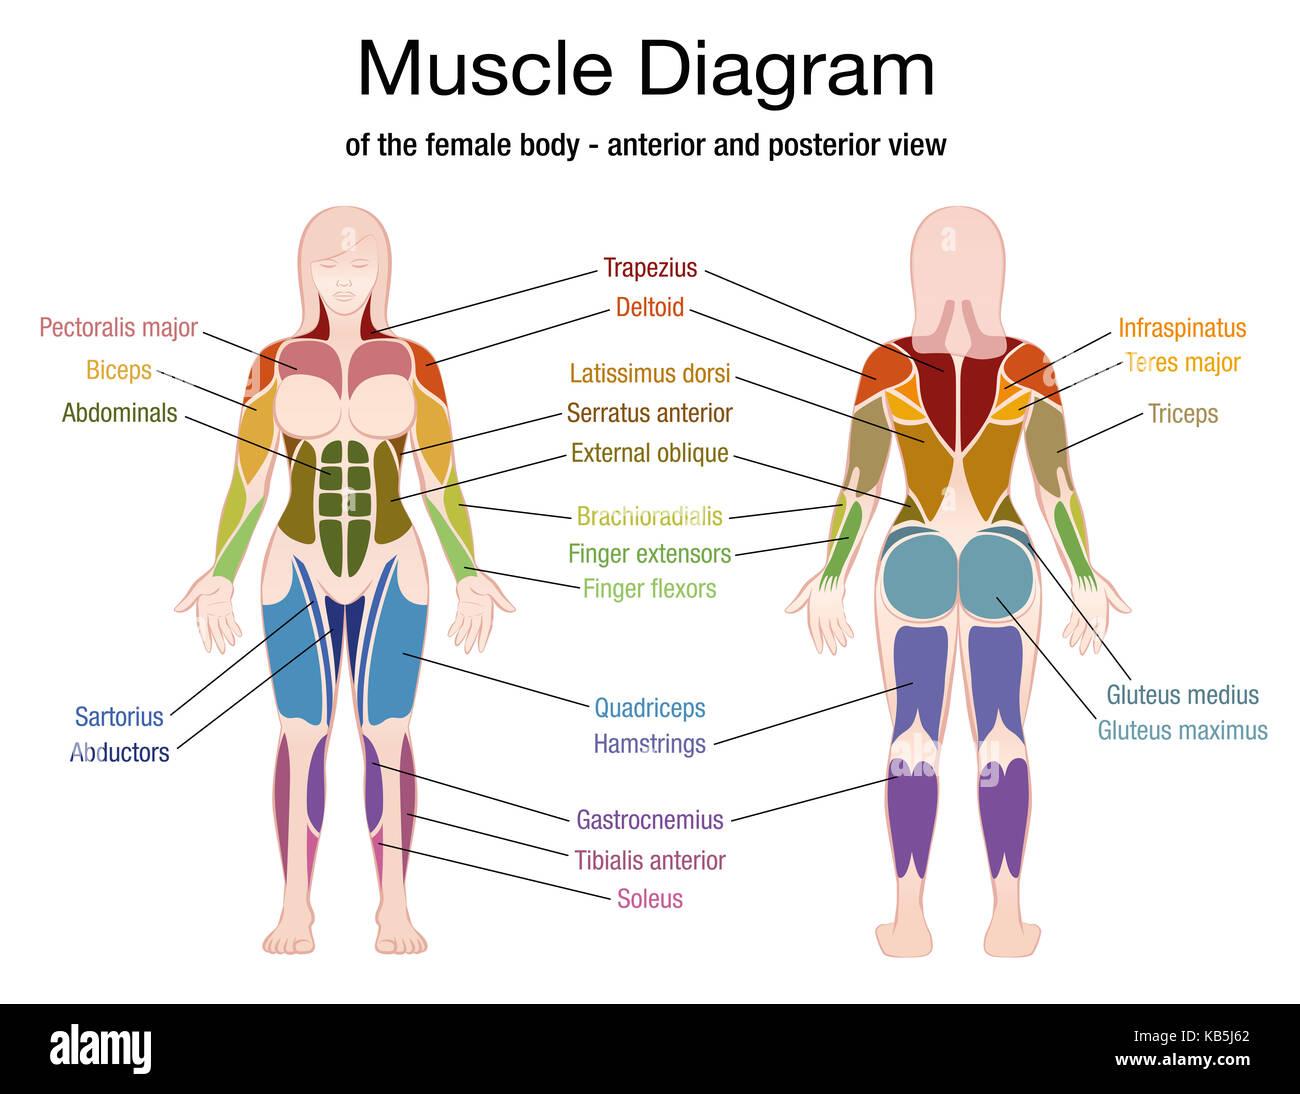 Hermosa Diagrama De Músculo Del Pecho Femenino Imagen - Imágenes de ...